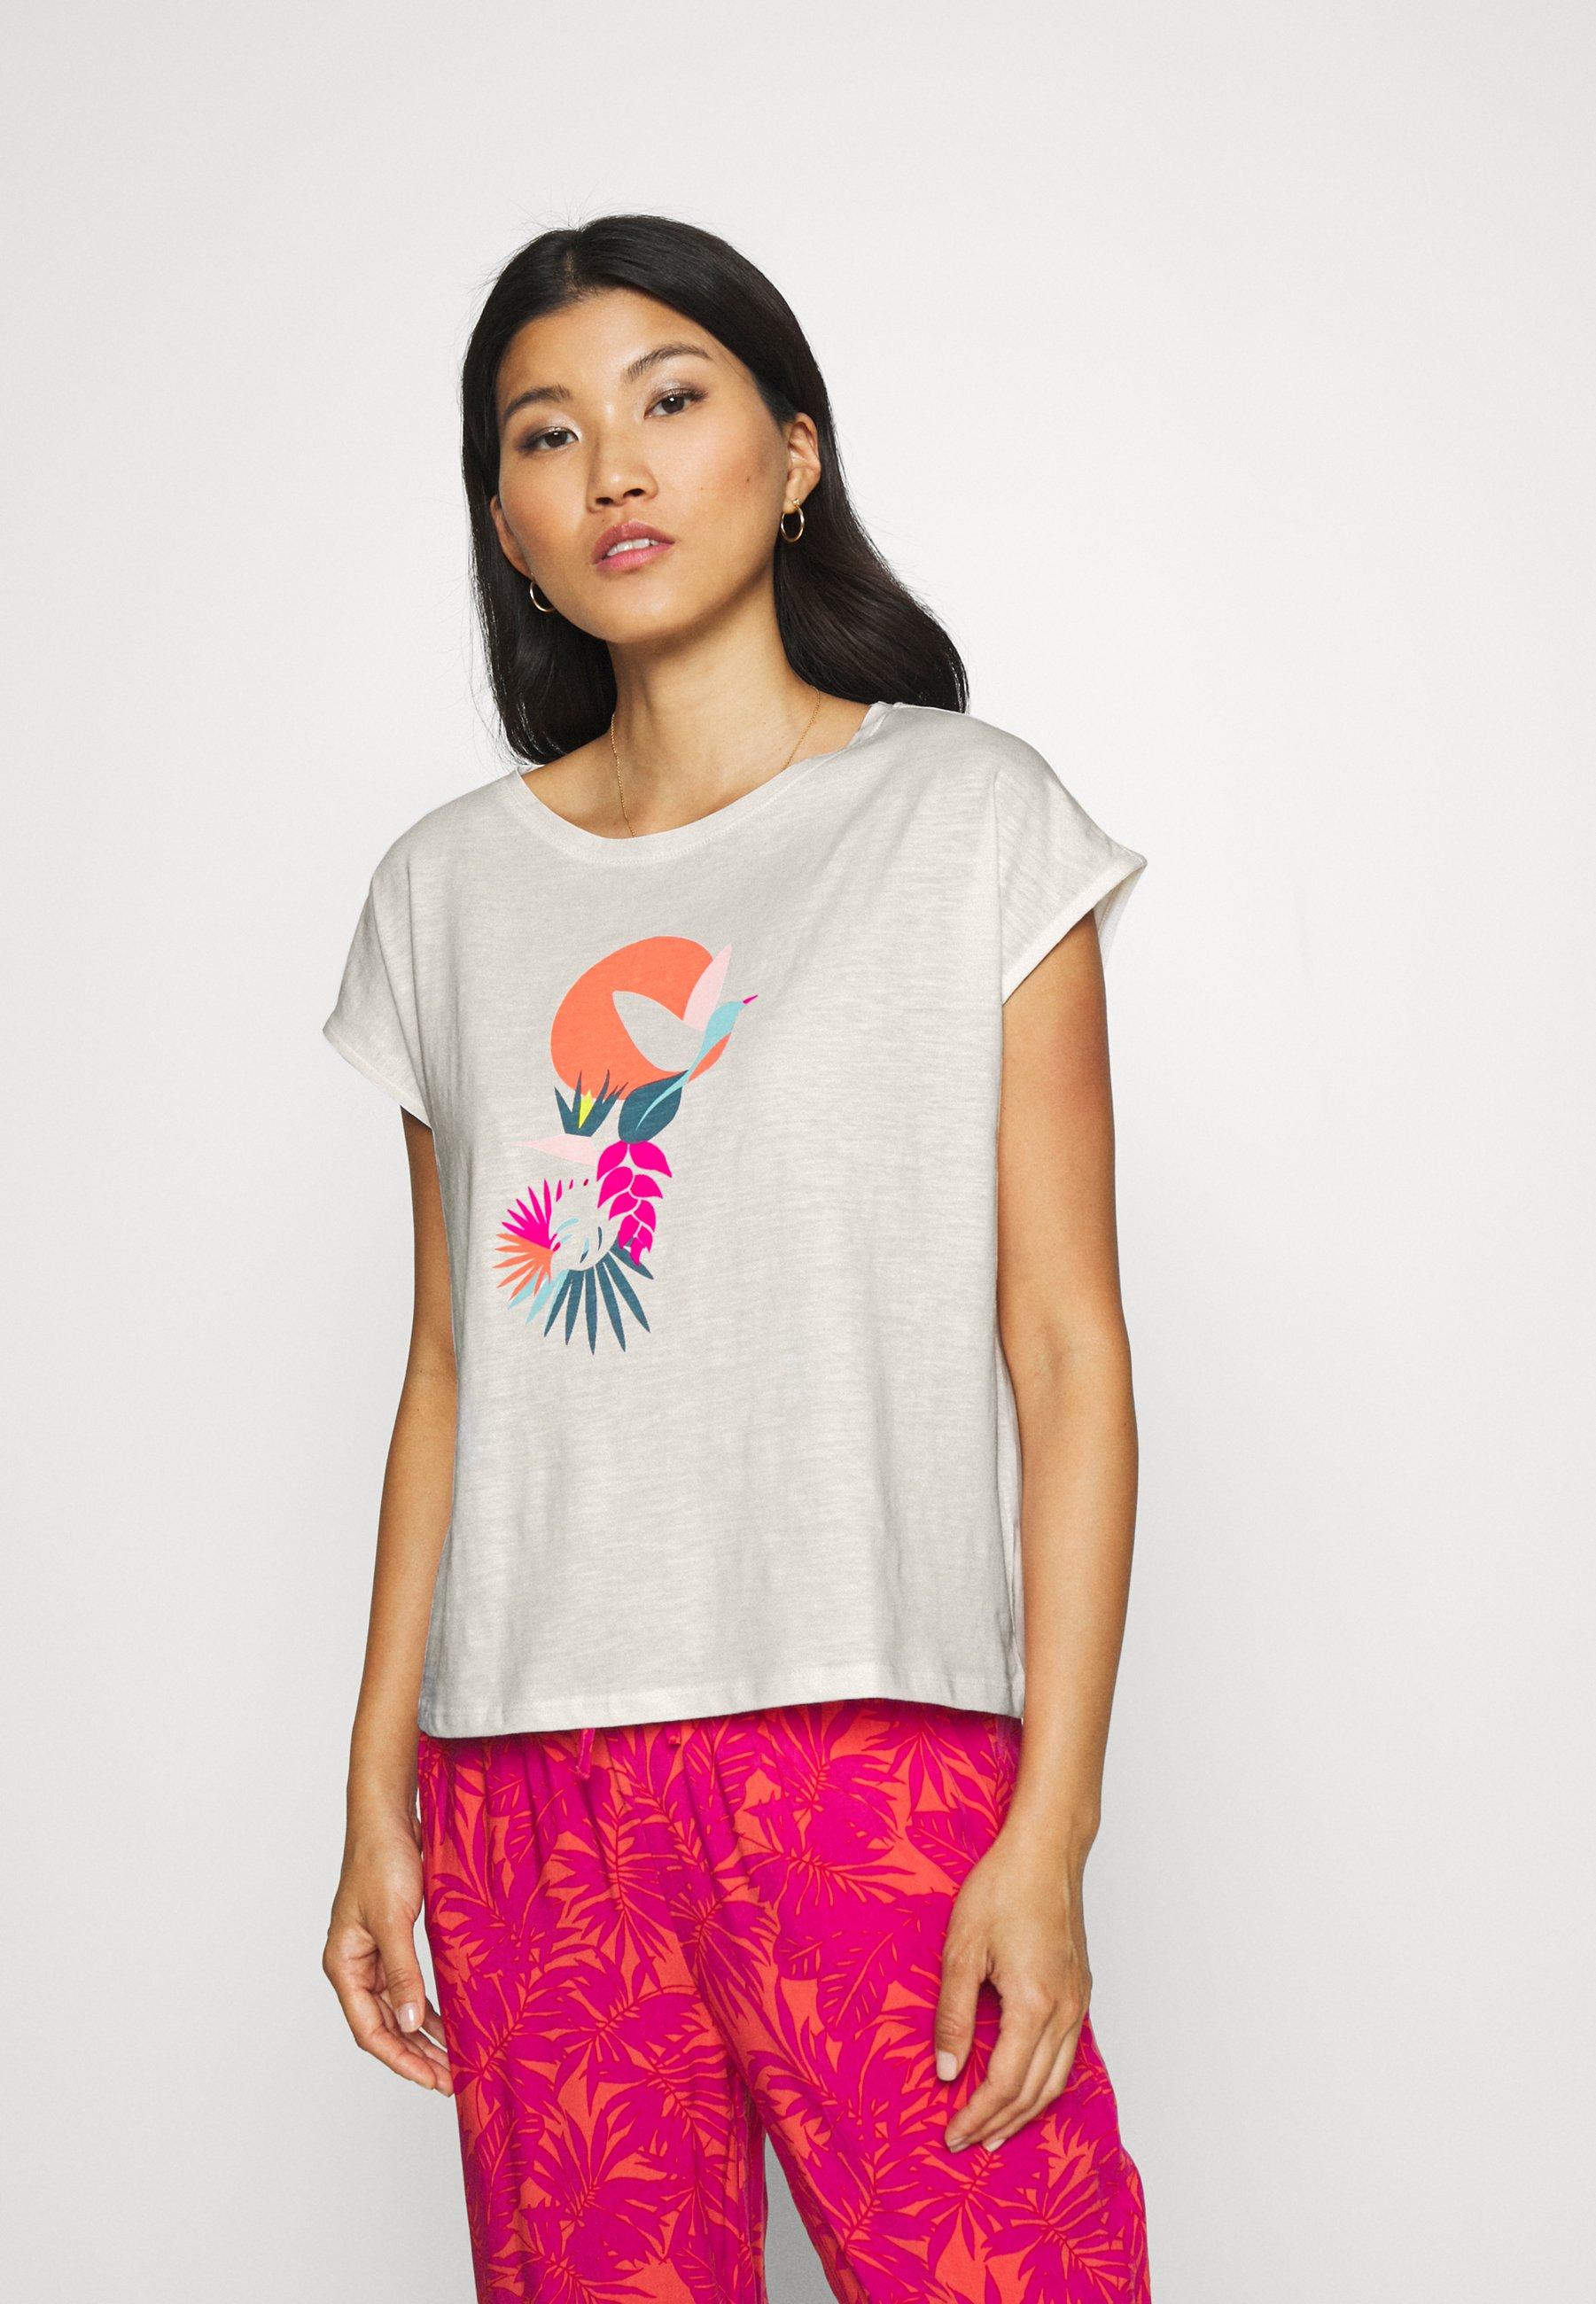 Damen BAYA - Nachtwäsche Shirt